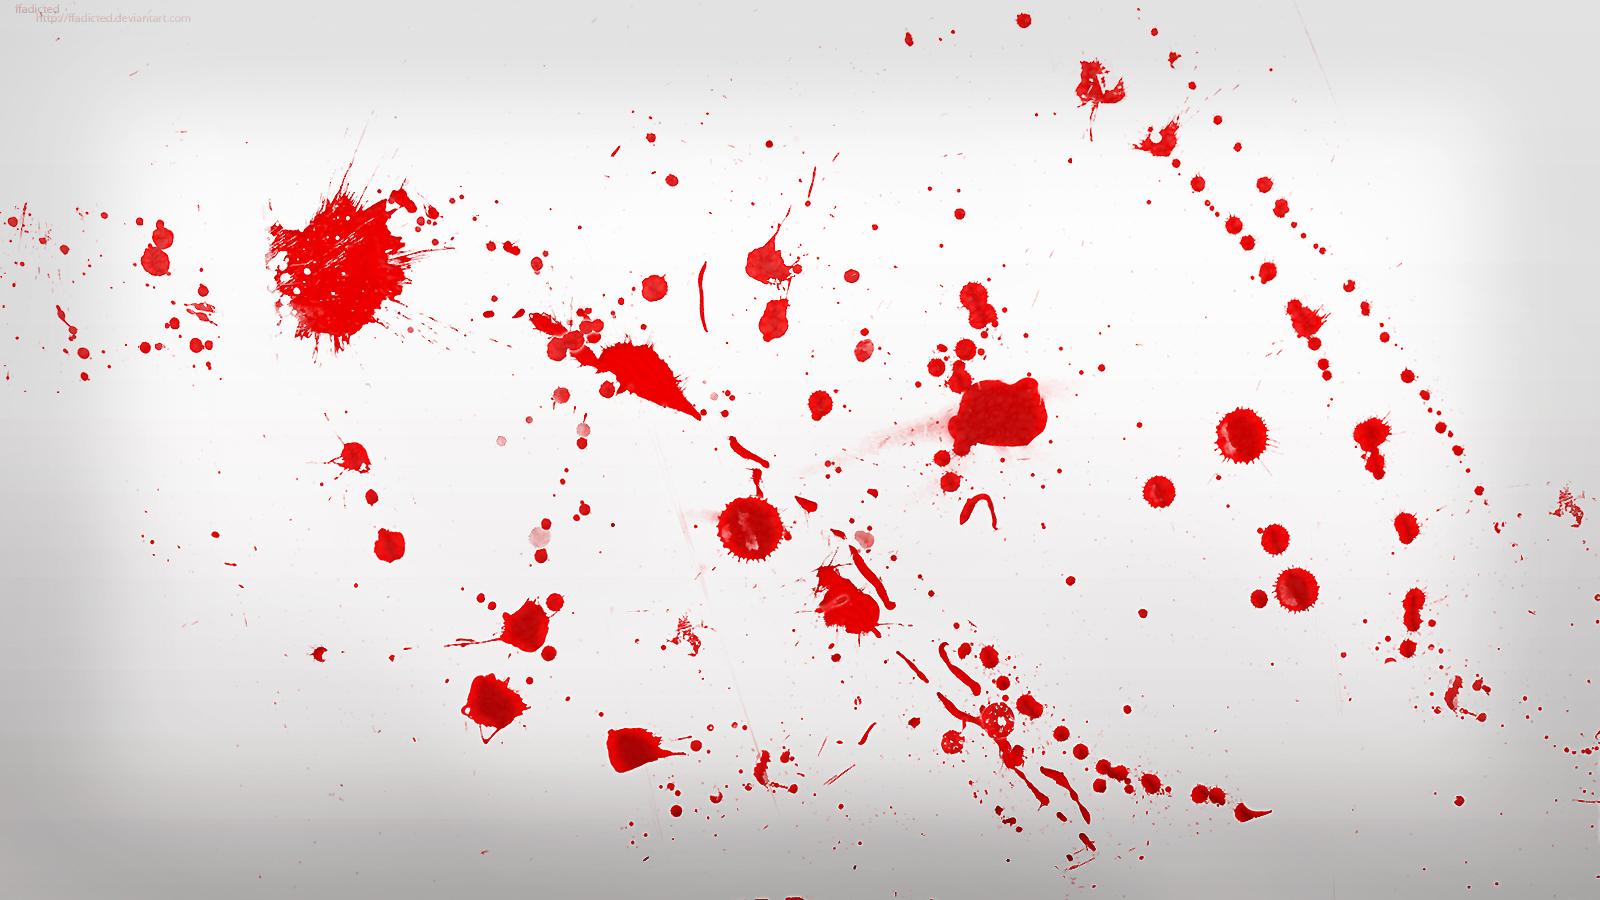 Wallpaper a blood wallpapers - Dexter Blood Spatter Wallpaper By Ffadicted Customization Wallpaper